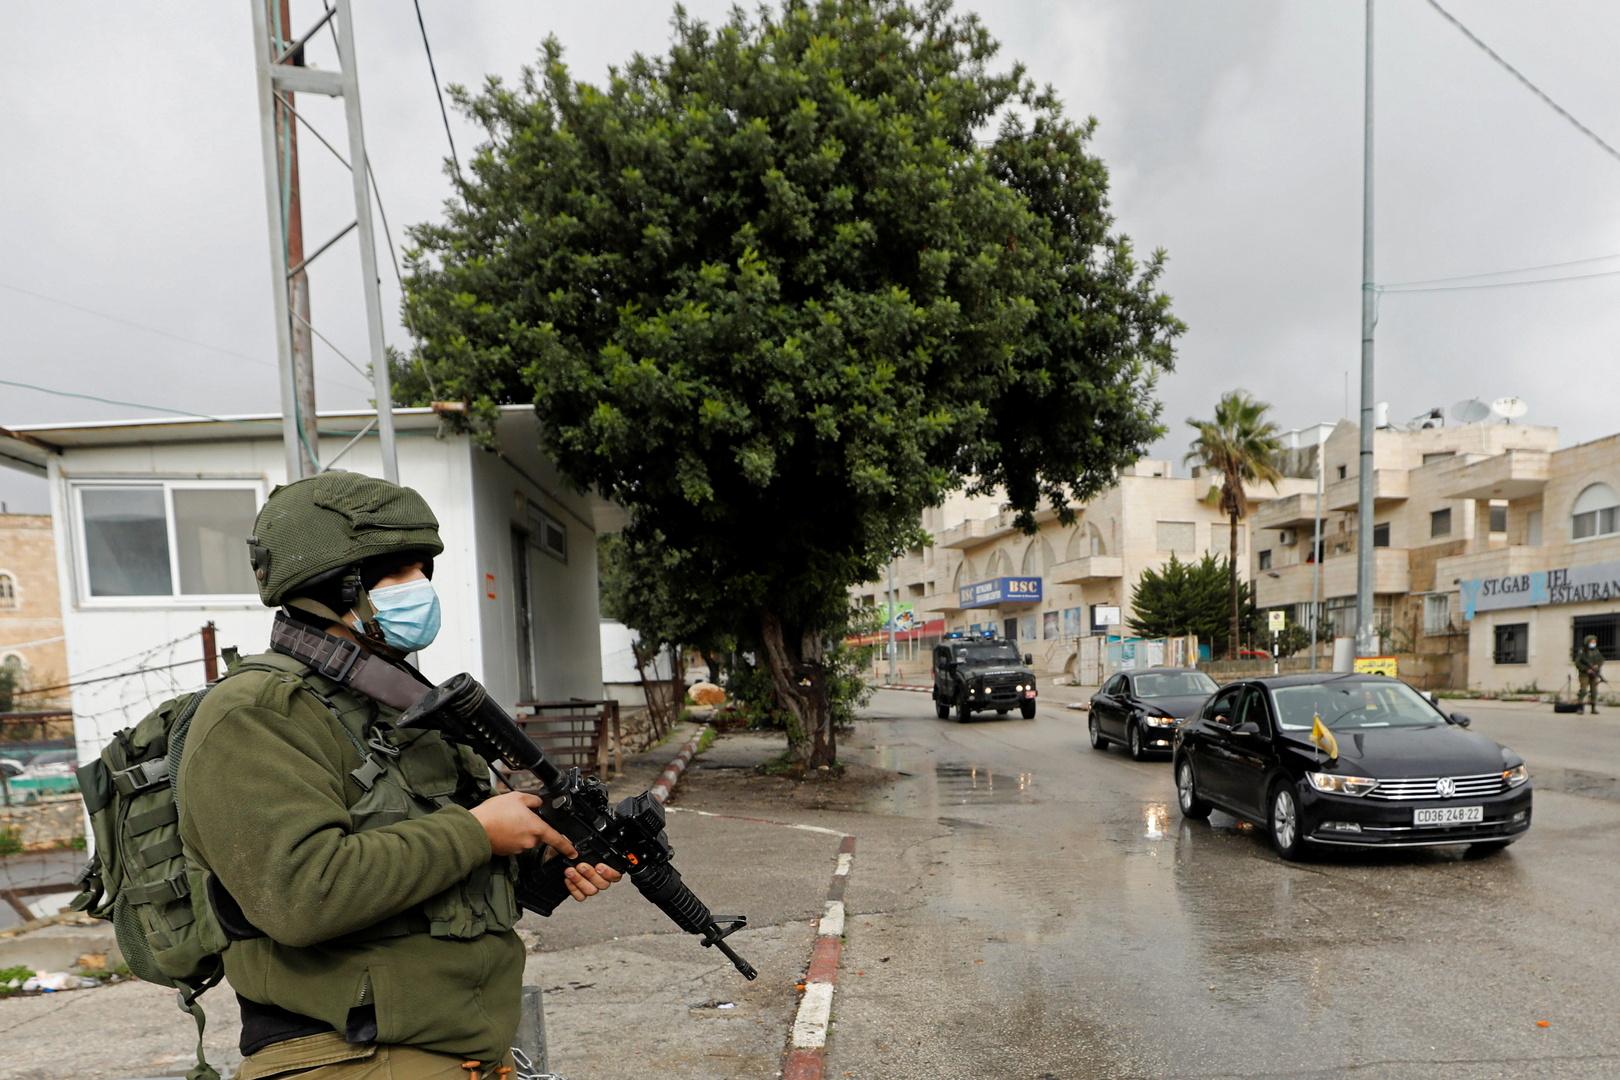 اعتقال فلسطينية بزعم محاولة تنفيذ عملية طعن في إحدى المستوطنات